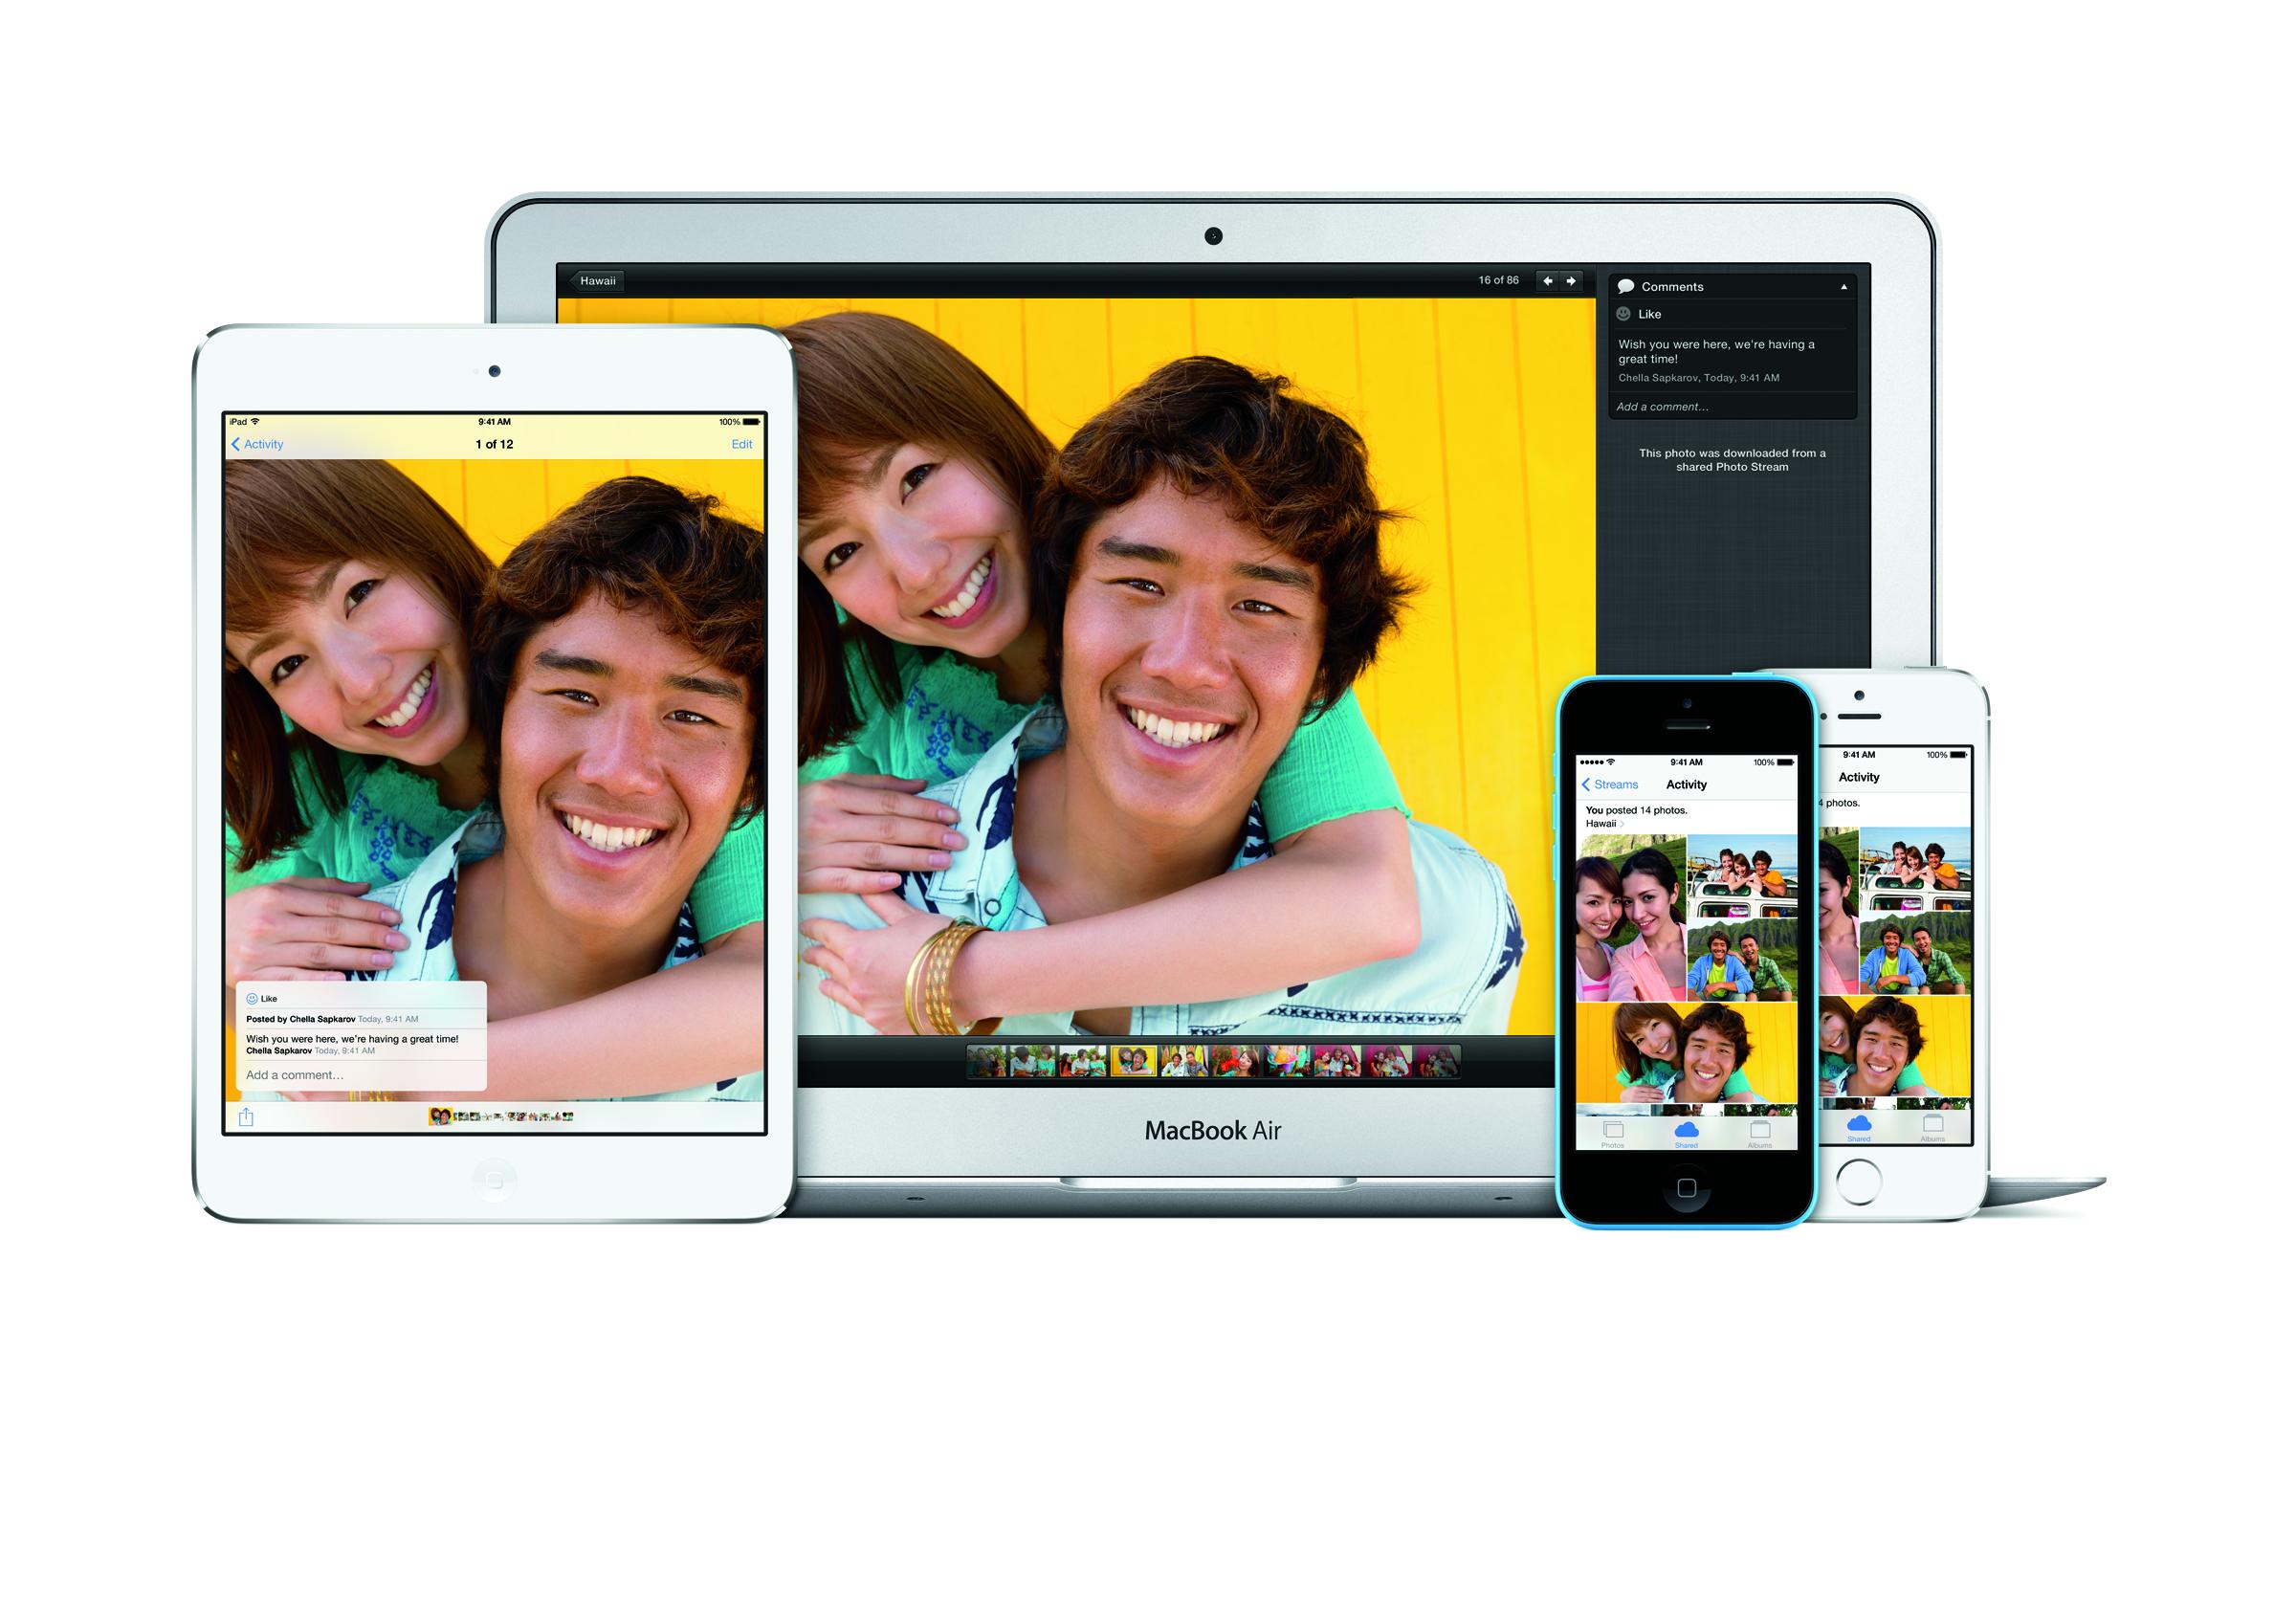 http://blog.taporu.net/iCloud_mini_MBA_iPhone5s_iPhone5c_PRINT%20%E3%81%AE%E3%82%B3%E3%83%94%E3%83%BC.jpg